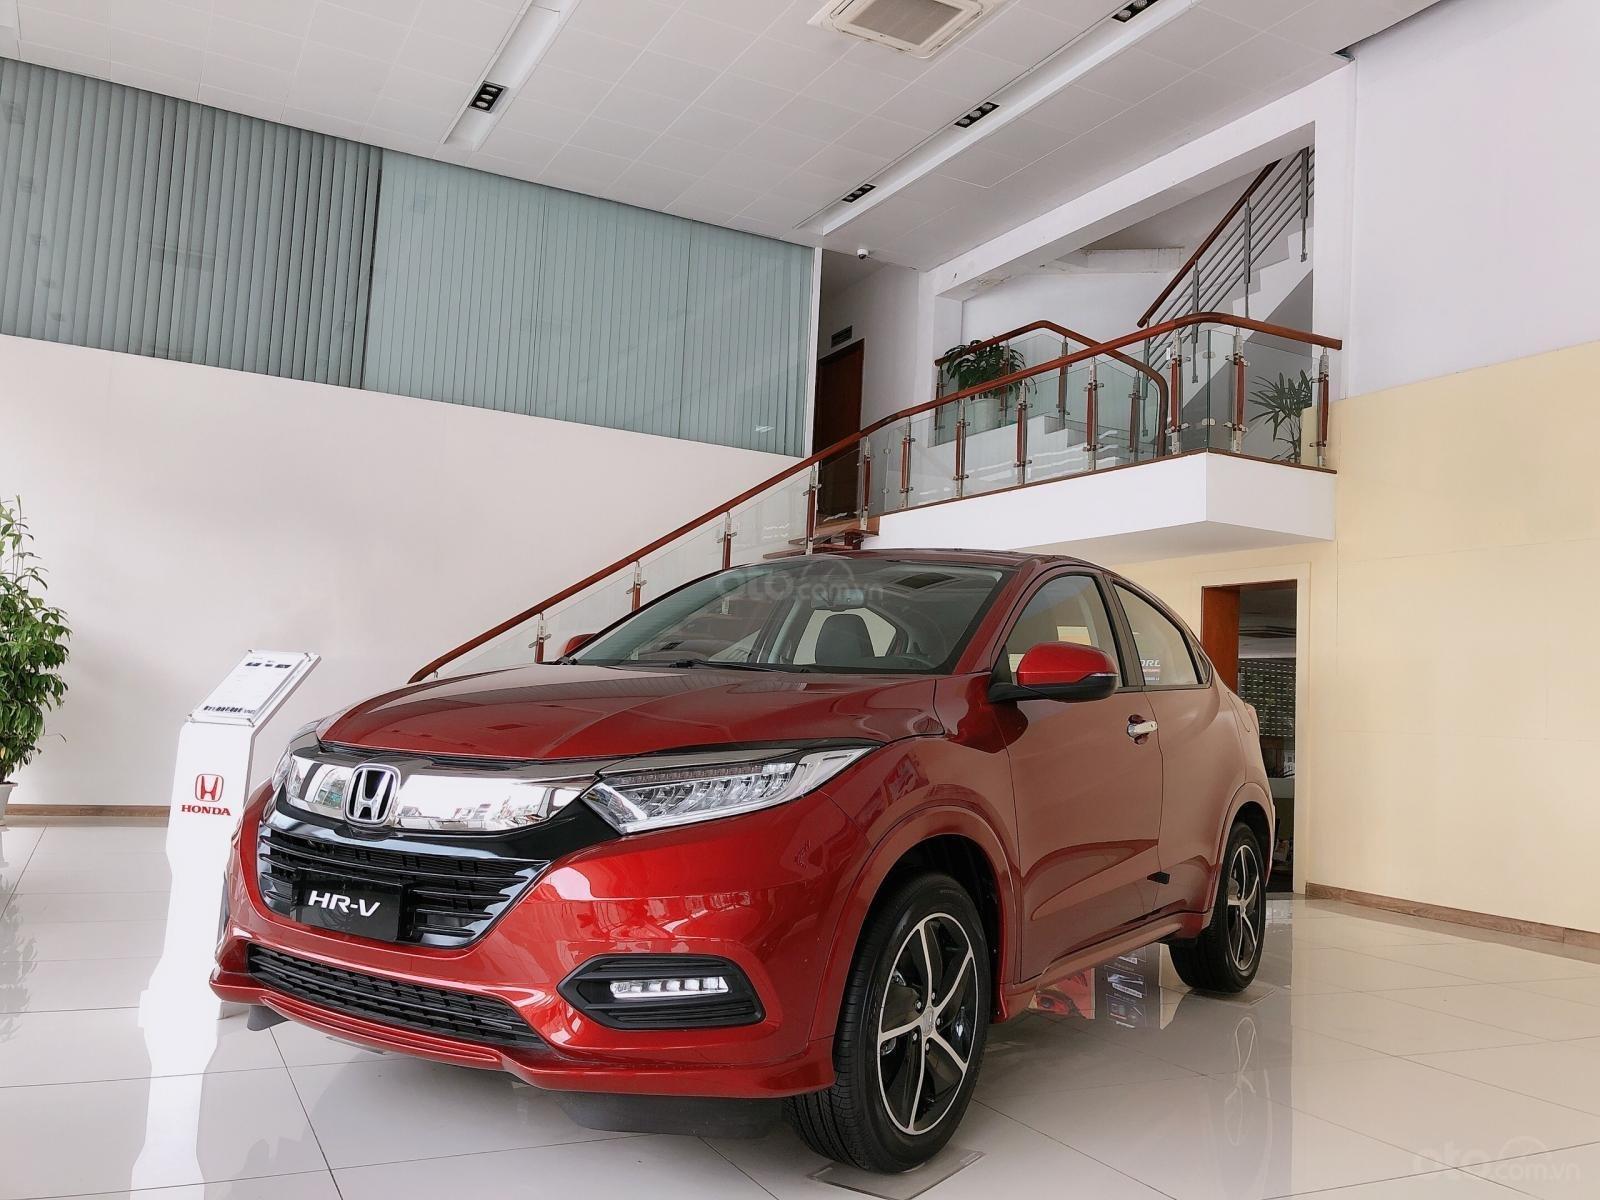 Honda HR-V đang bán tại thị trường không có nhiều thay đổi dù ra mắt cách đây 3 năm 1